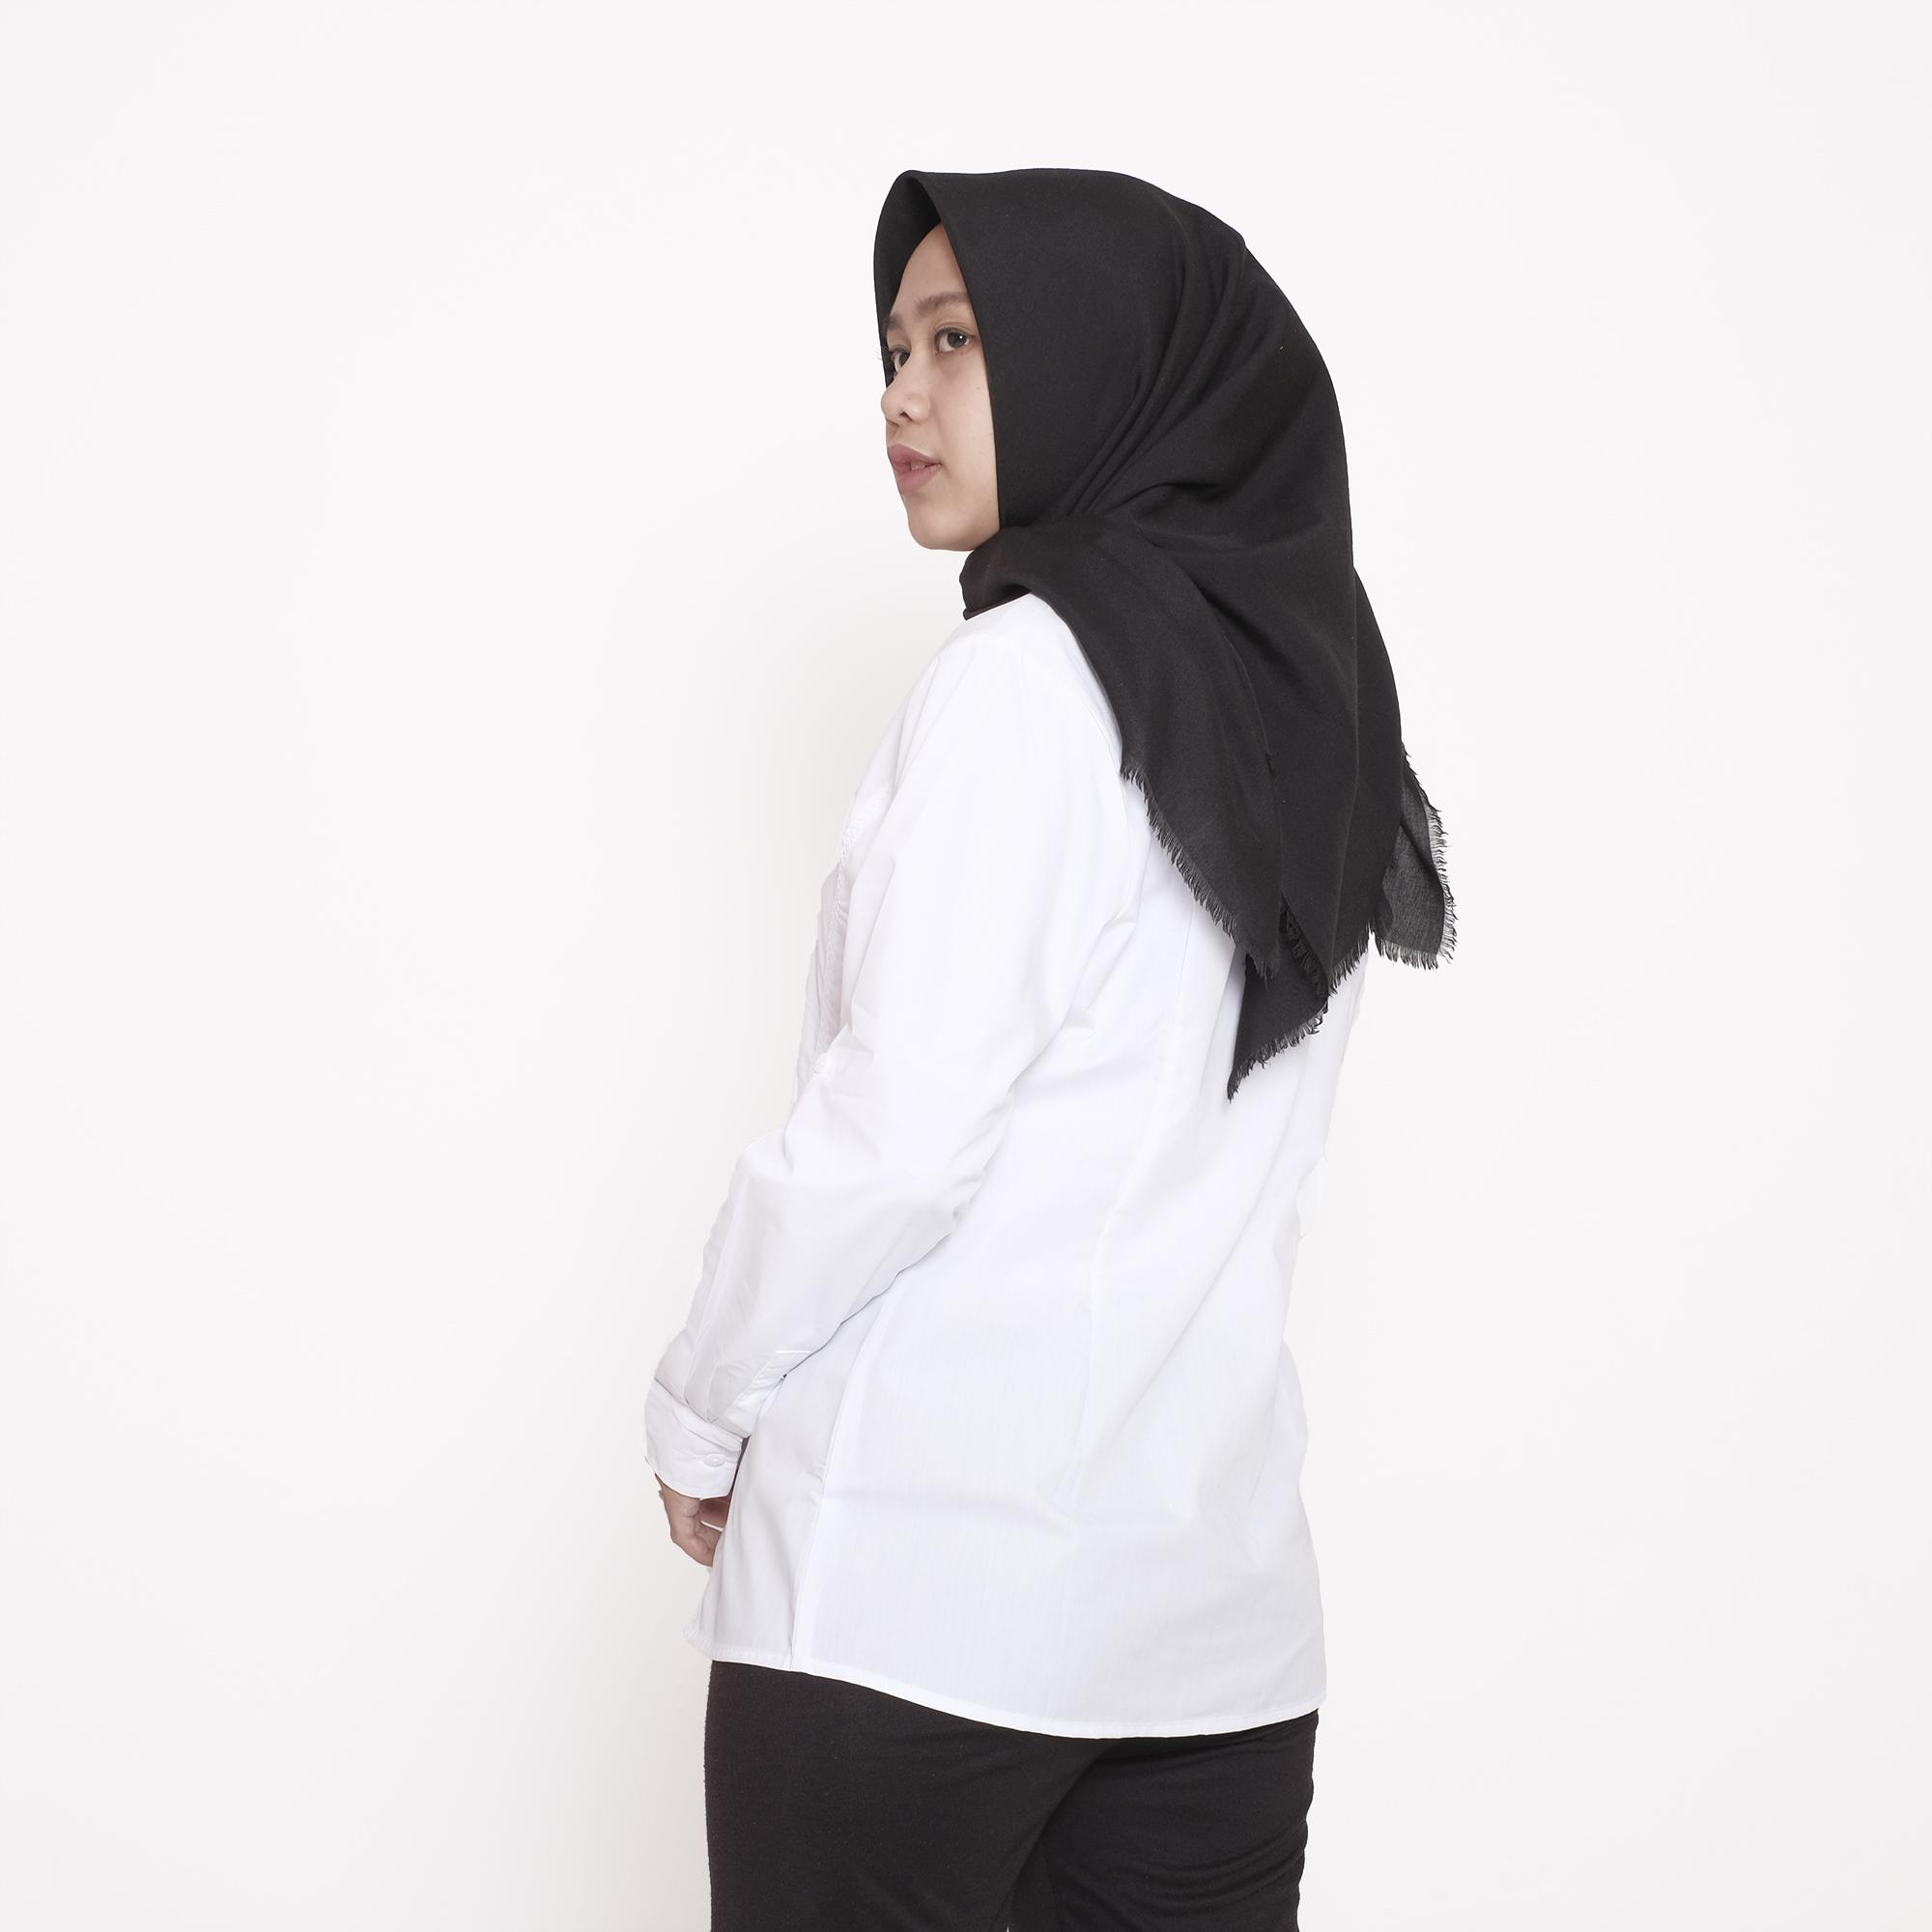 ... HaymeeStore Kemeja Putih Polos Wanita Baju Kantor Lengan Panjang Cewek Formal Atasan Casual Pakaian Kerja Cewe ...